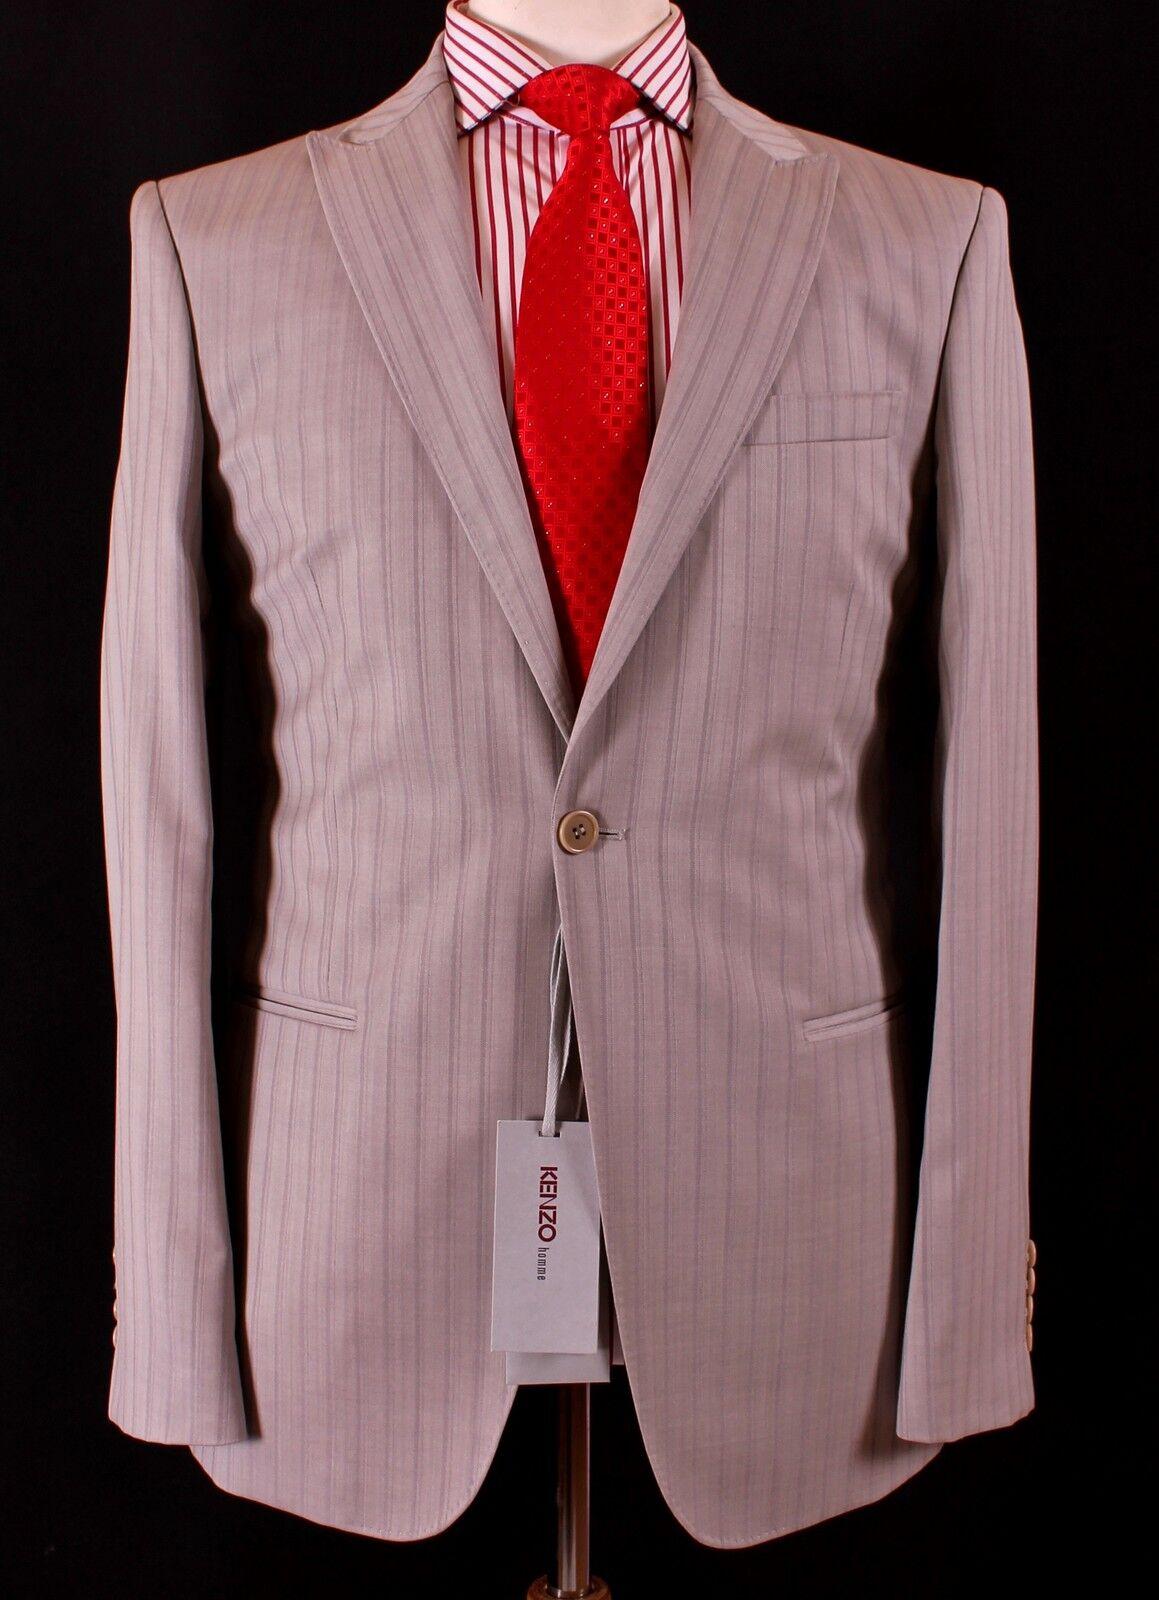 KENZO HOMME Grau Pinstripe SLIM FIT 100% WOOL Suit UK40 IT50 BNWT